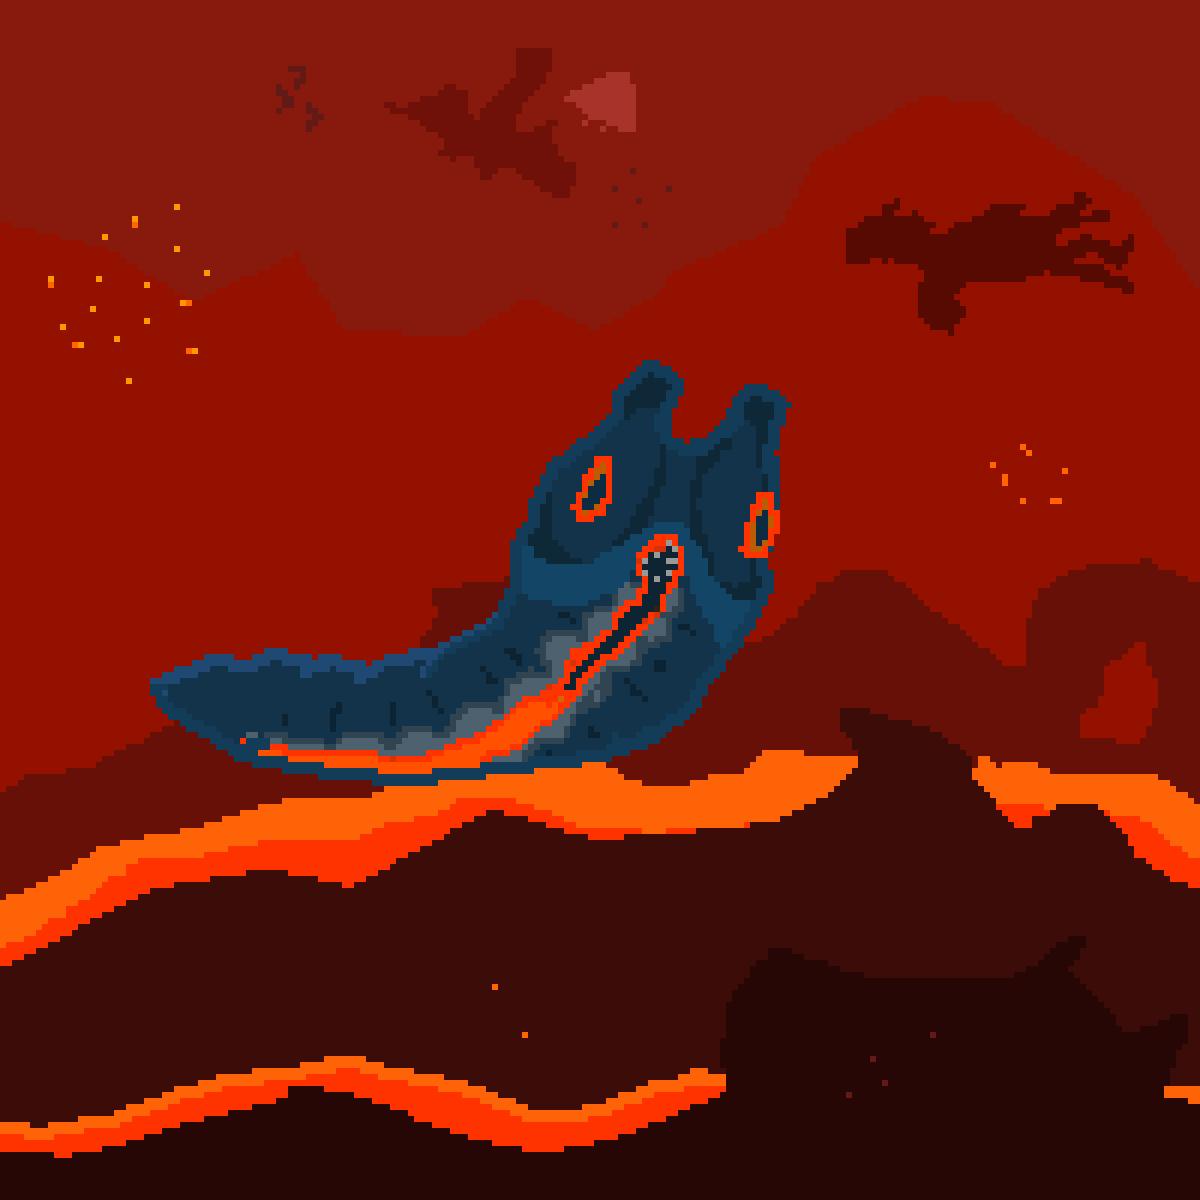 Lava Larva - Subnautica by D7588888888